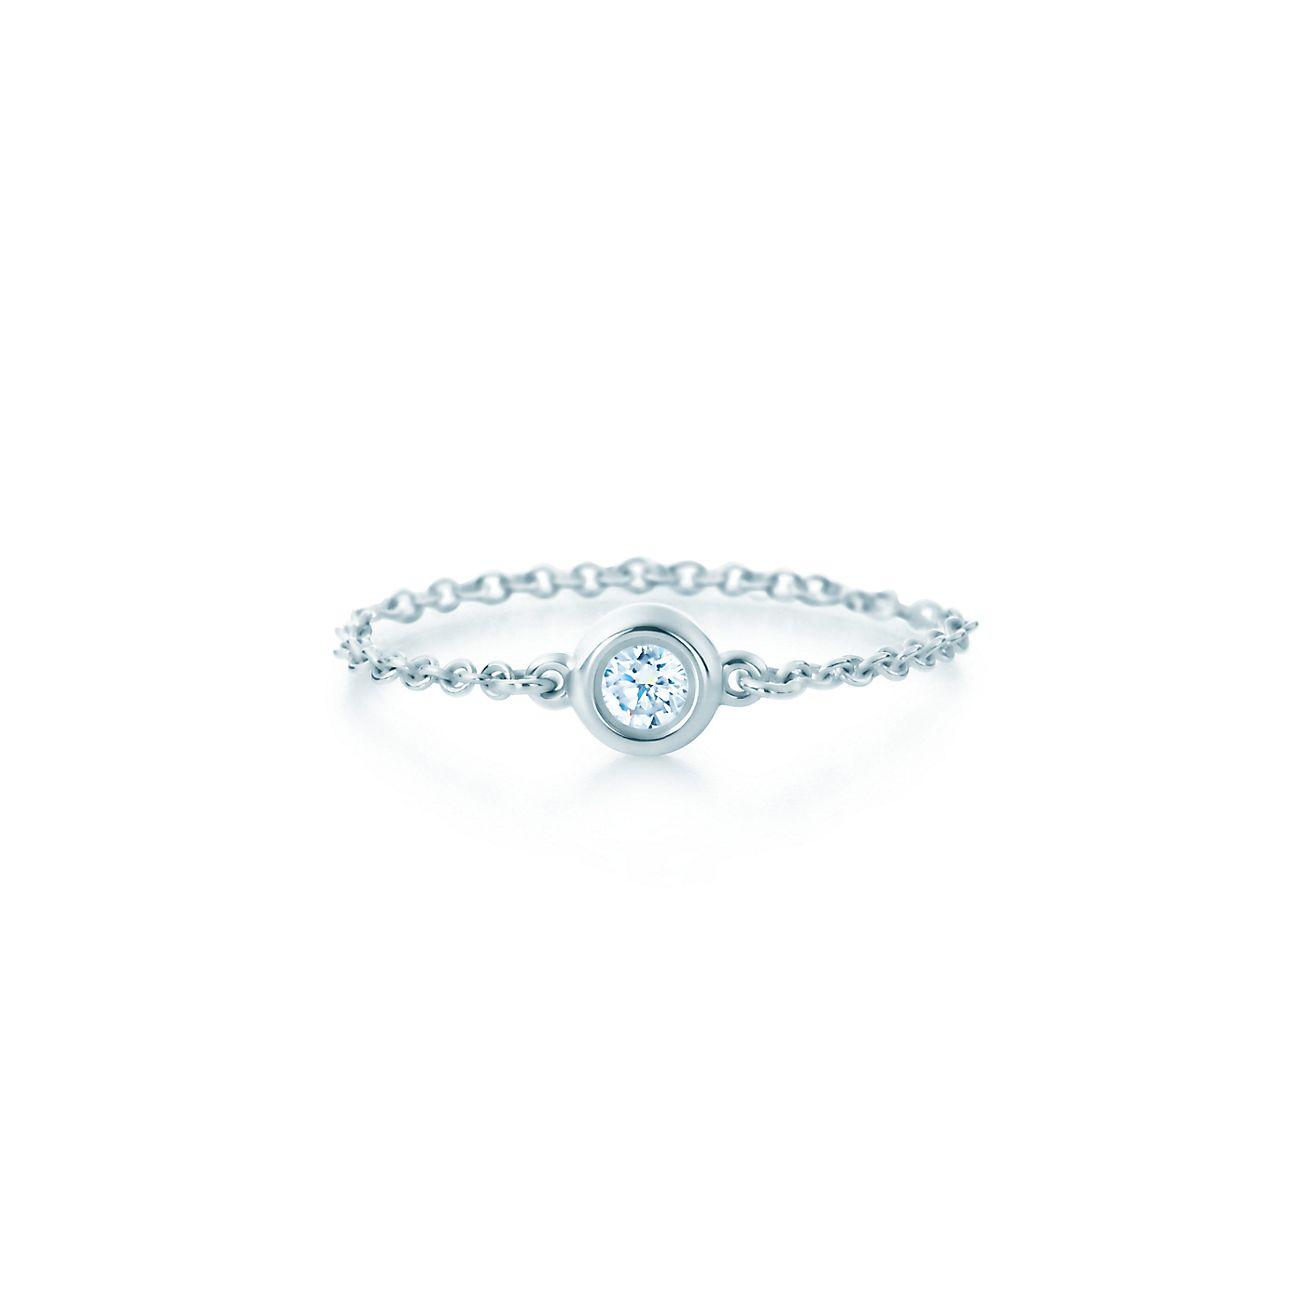 Elsa Peretti Diamonds by the Yard earrings in sterling silver - Size.10 Tiffany & Co.